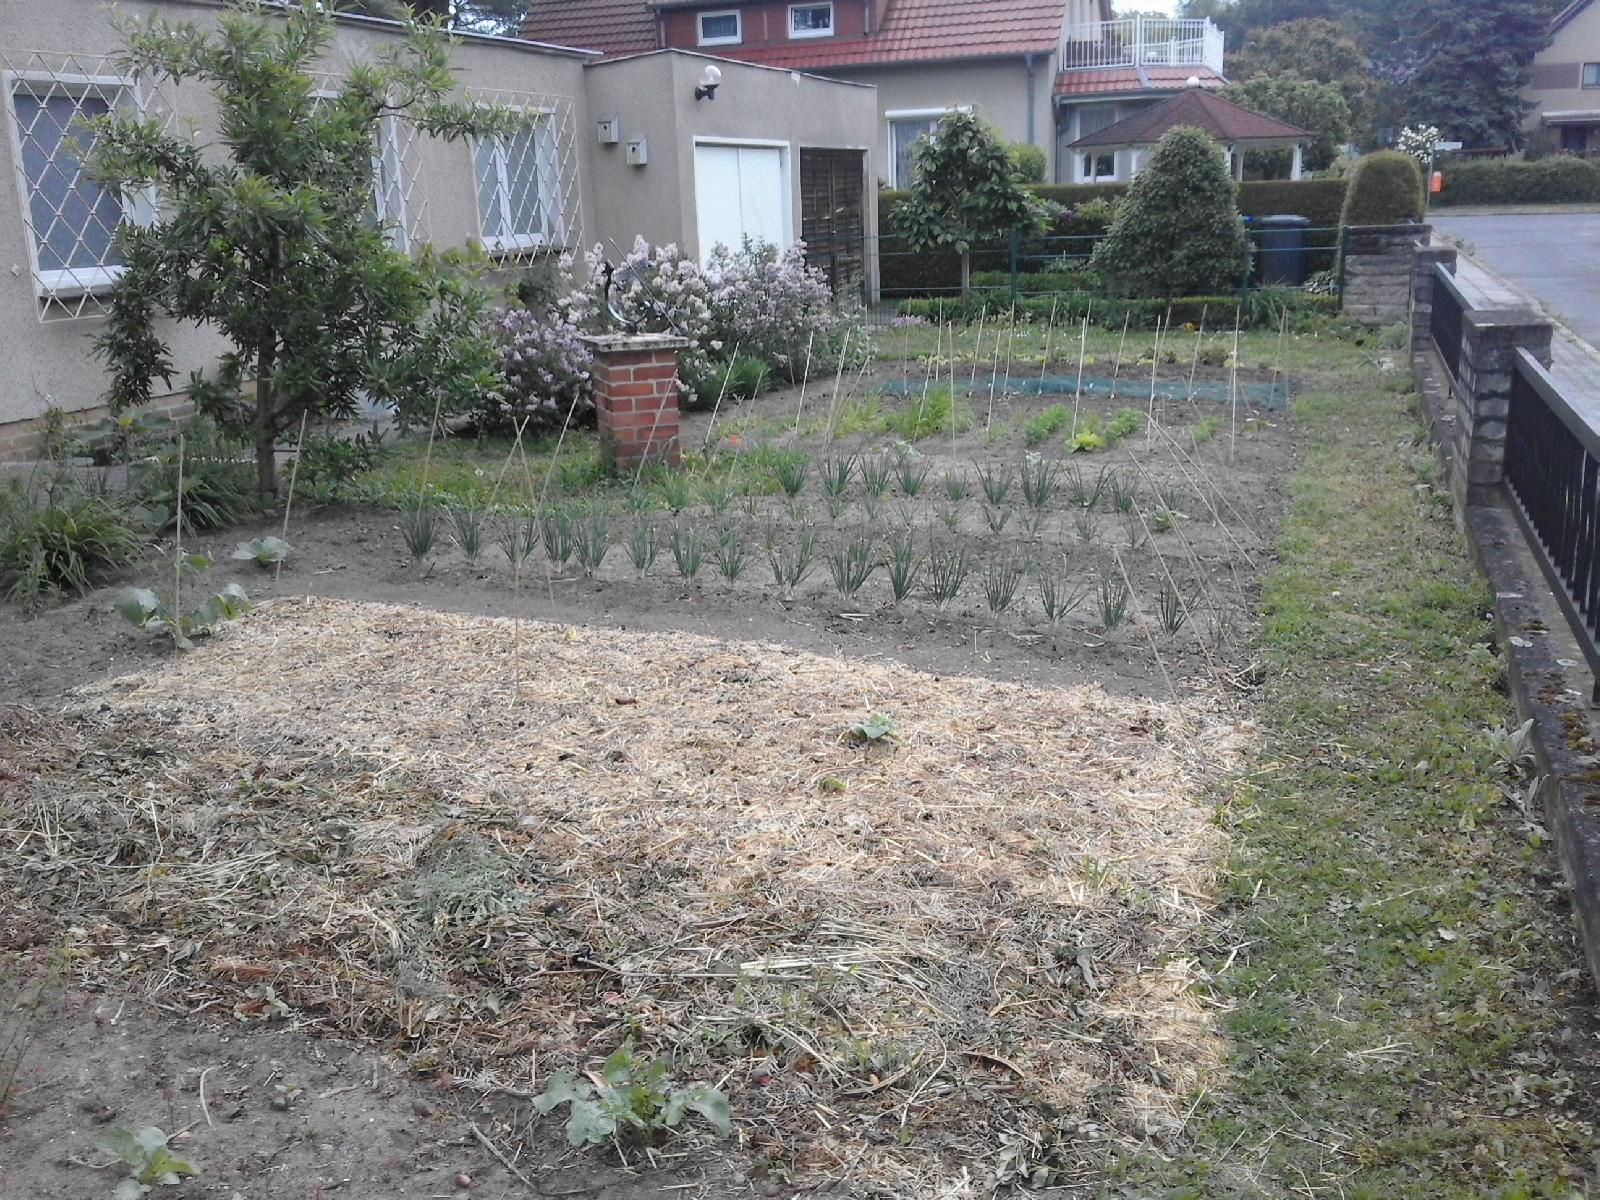 Dr. T's Garten, Gemüseackerdemie Methode